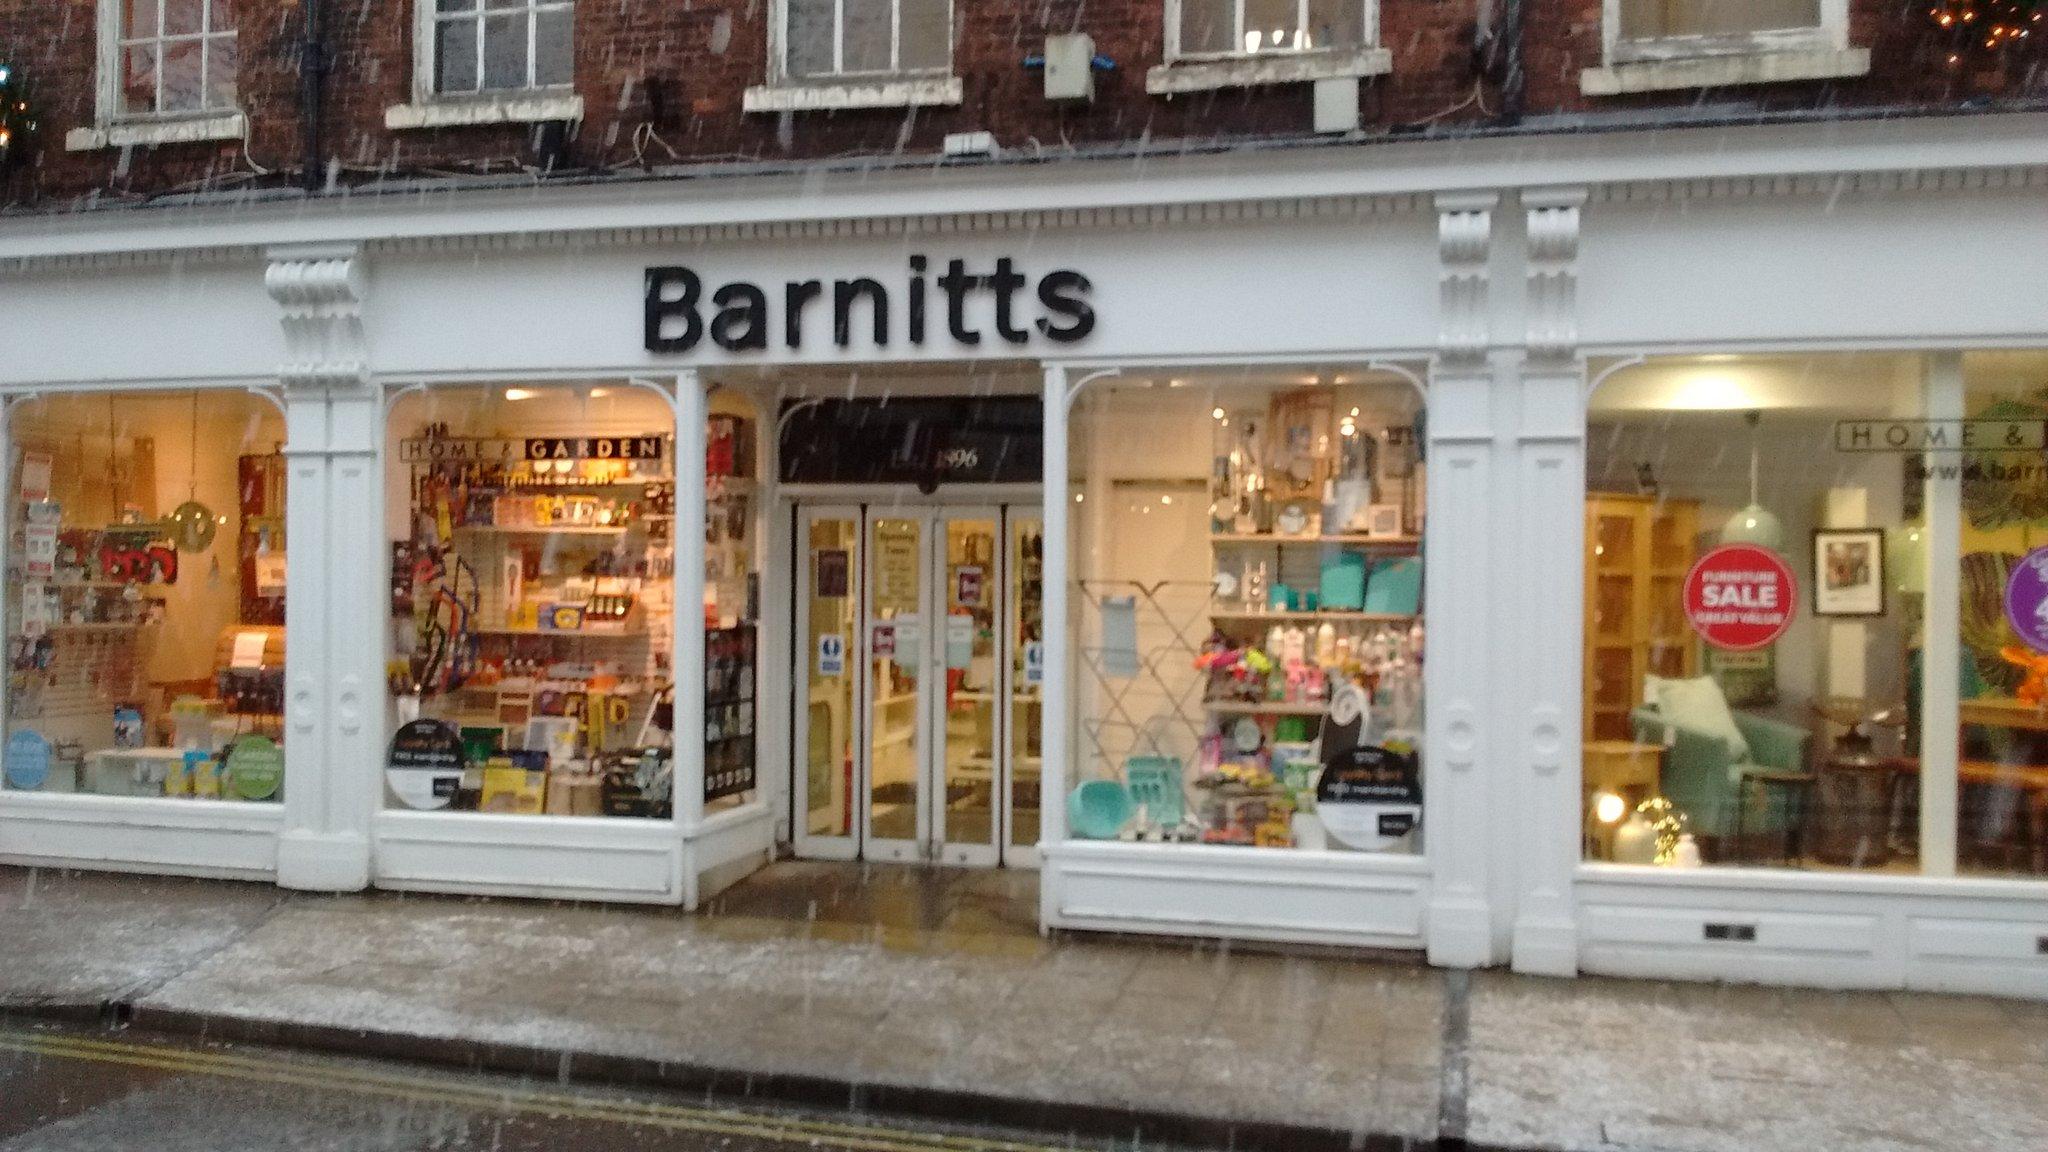 Barnitts Ltd on Twitter: